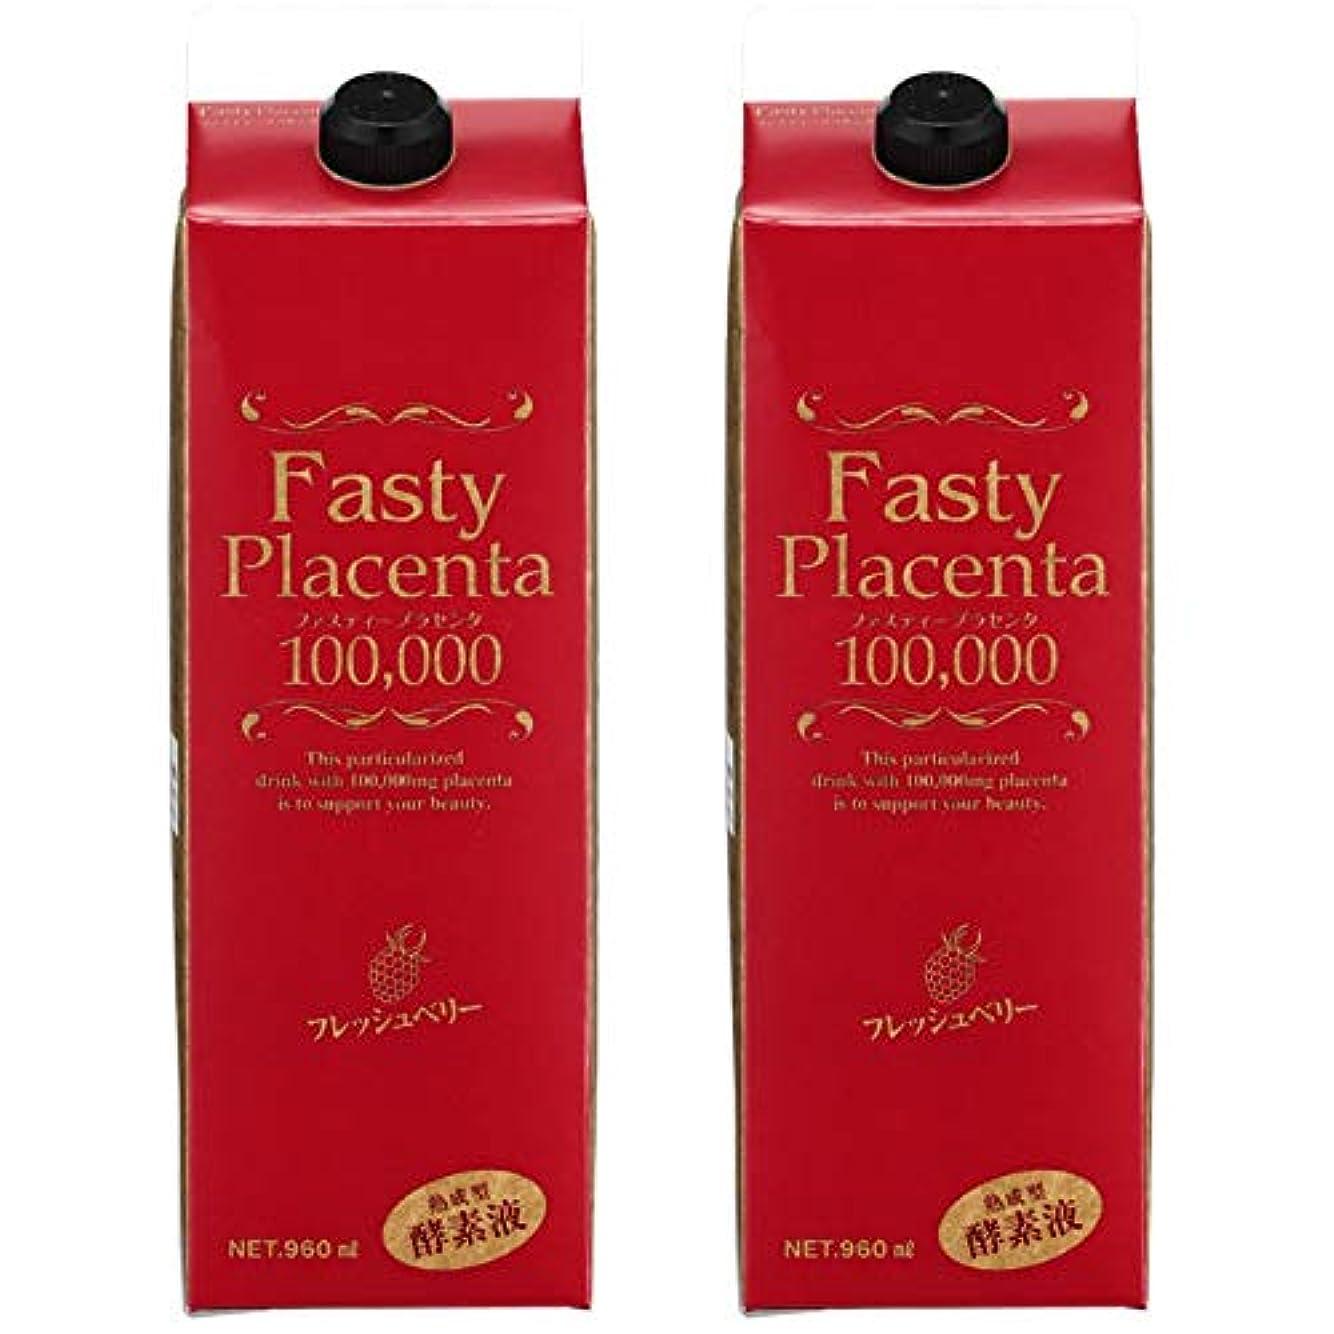 枯渇おそらく捧げるファスティープラセンタ100,000 増量パック(フレッシュベリー味)2個